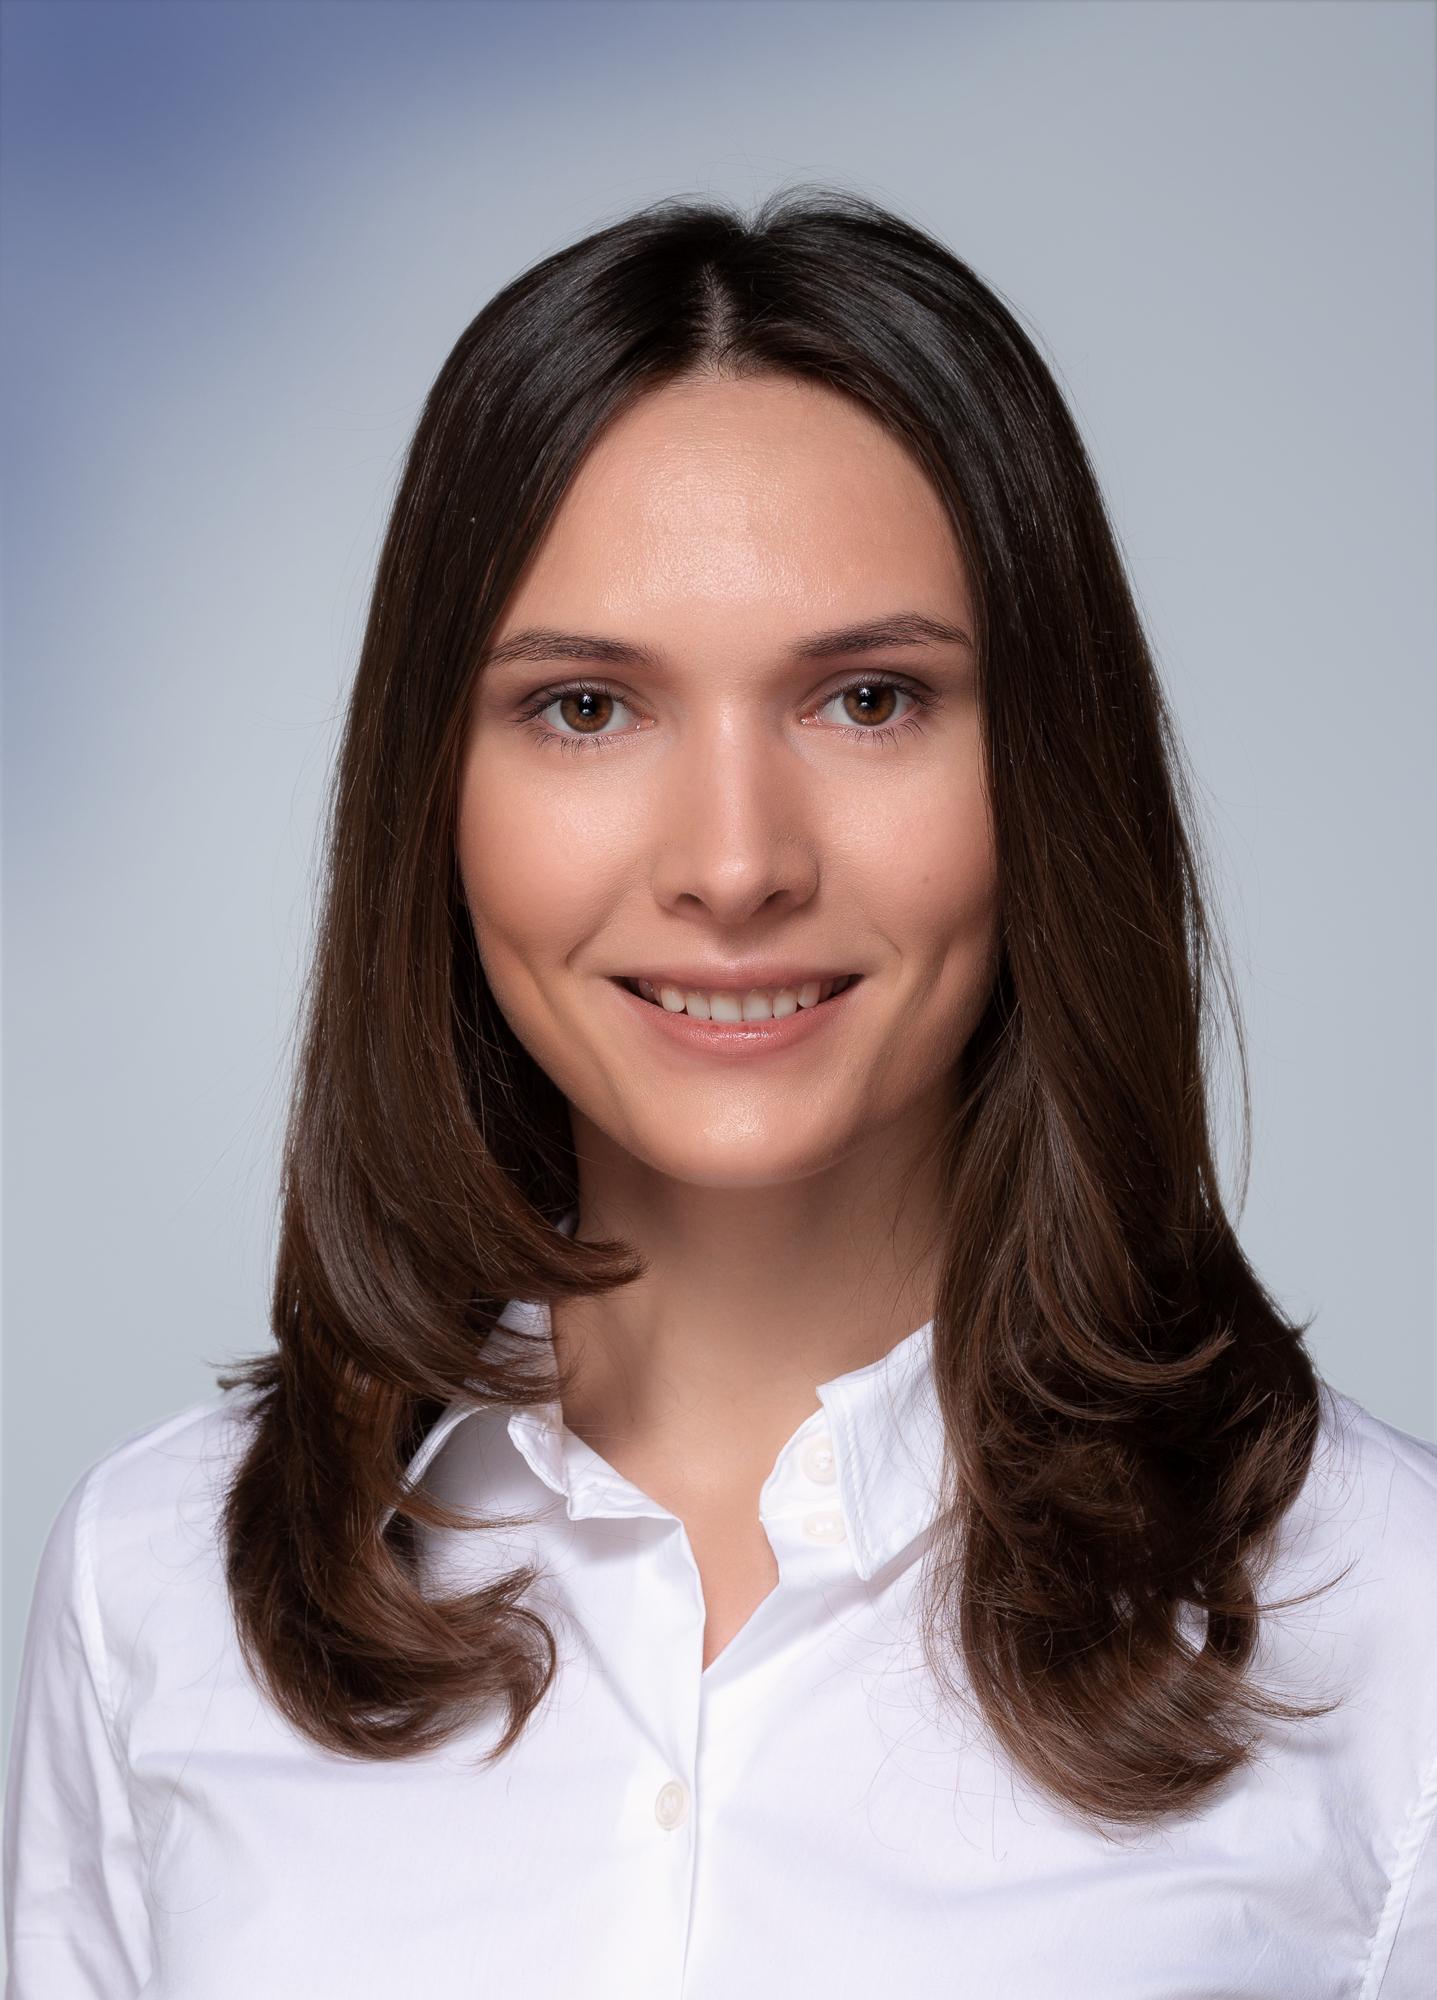 Maria Zhikhareva